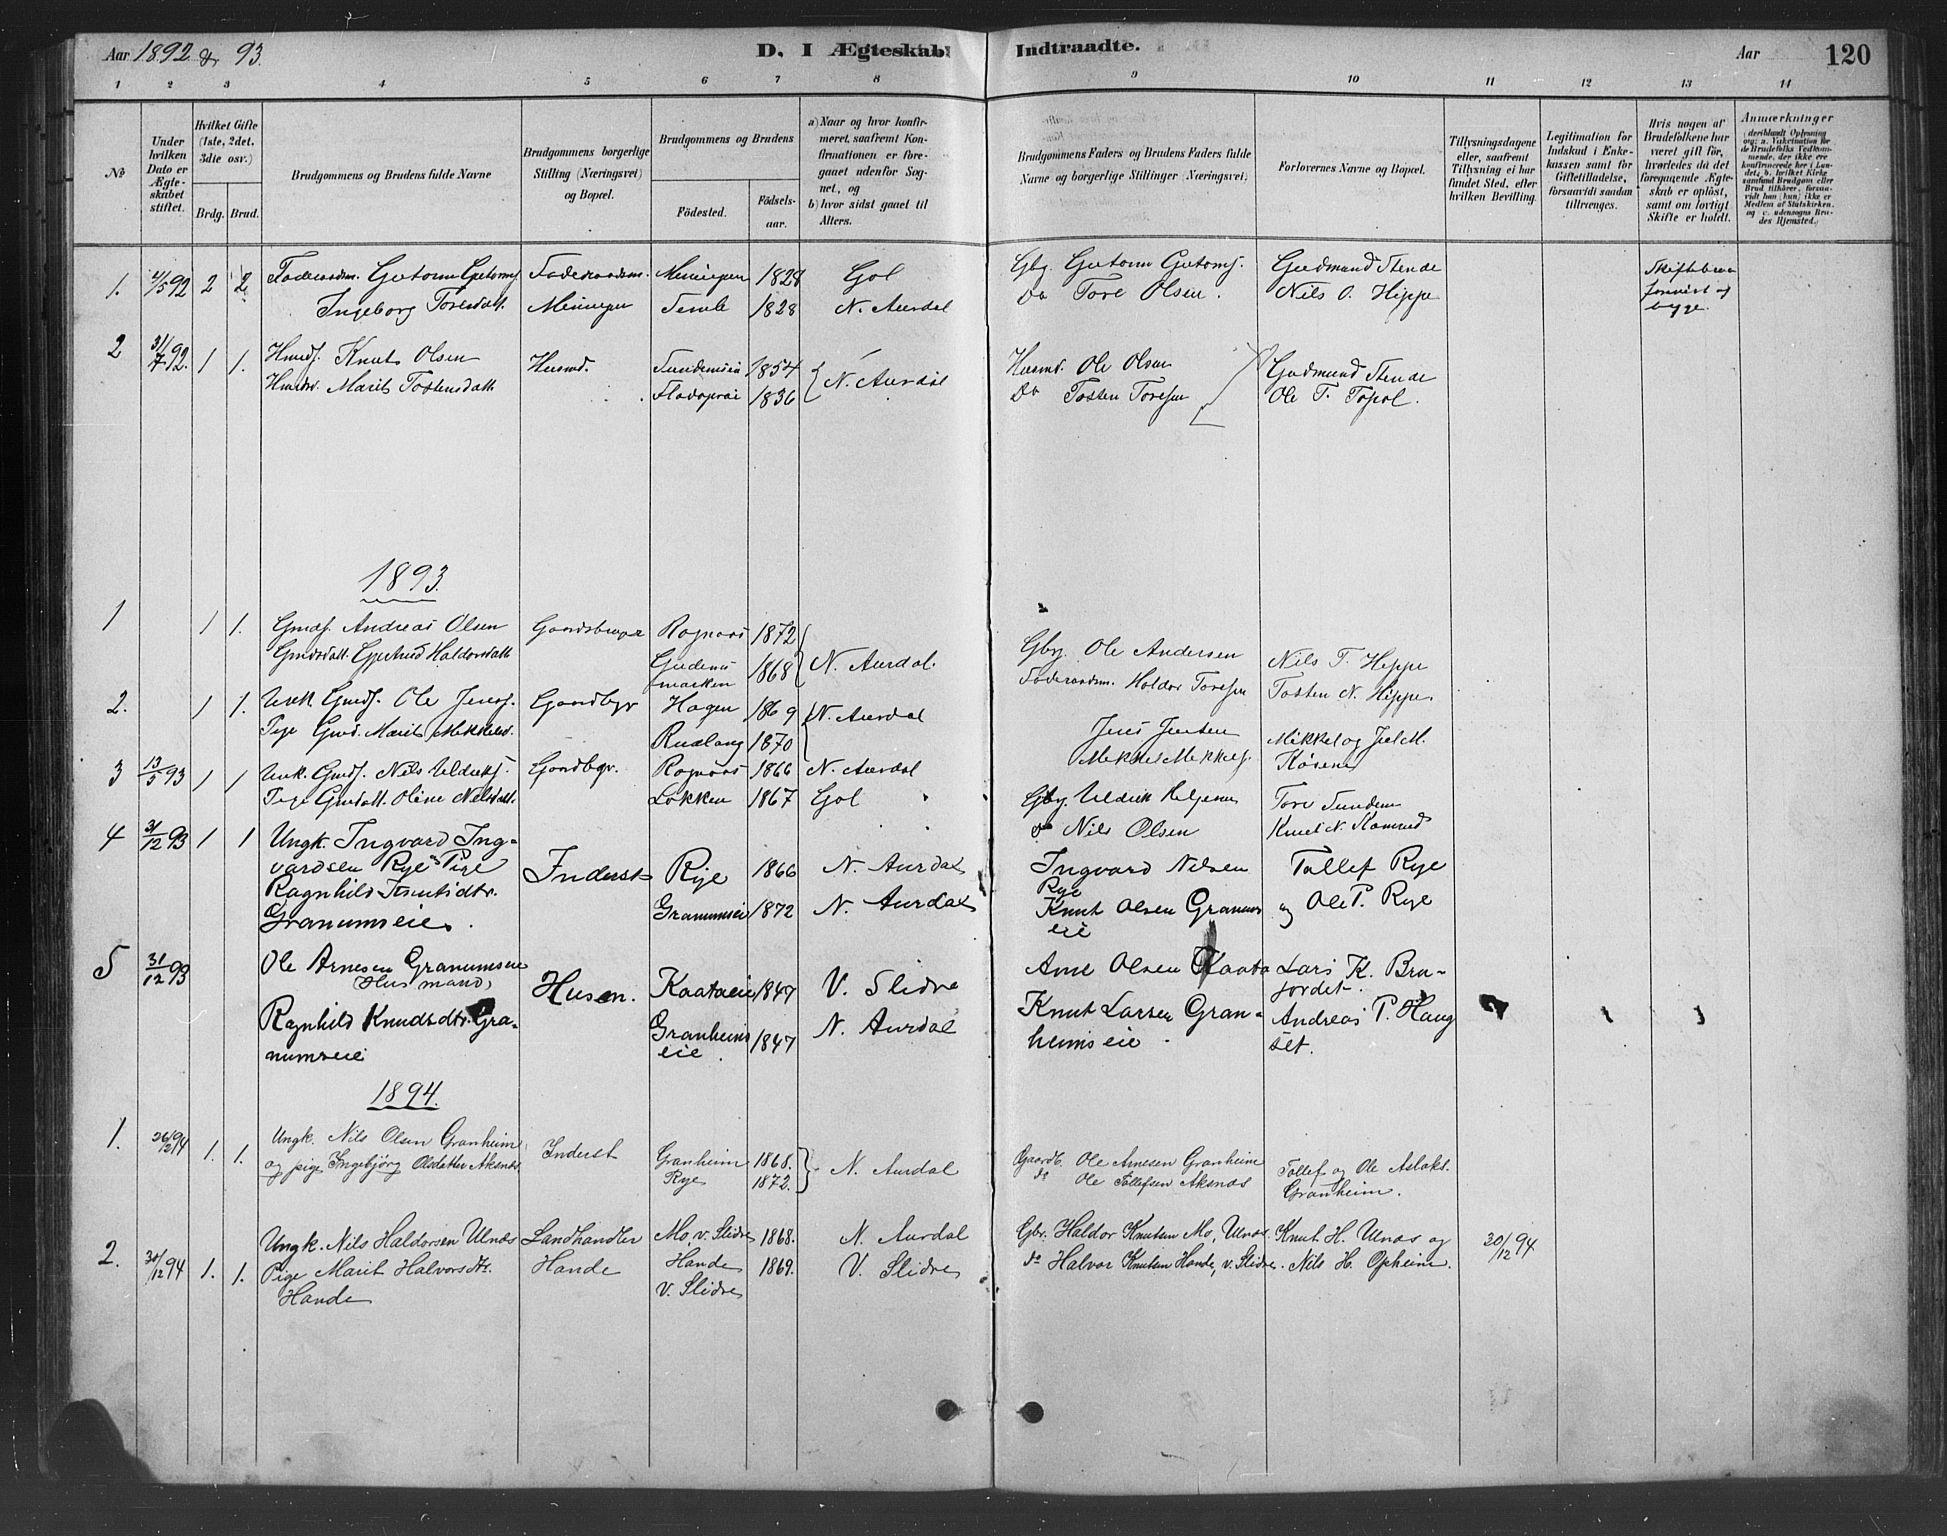 SAH, Nord-Aurdal prestekontor, Klokkerbok nr. 8, 1883-1916, s. 120